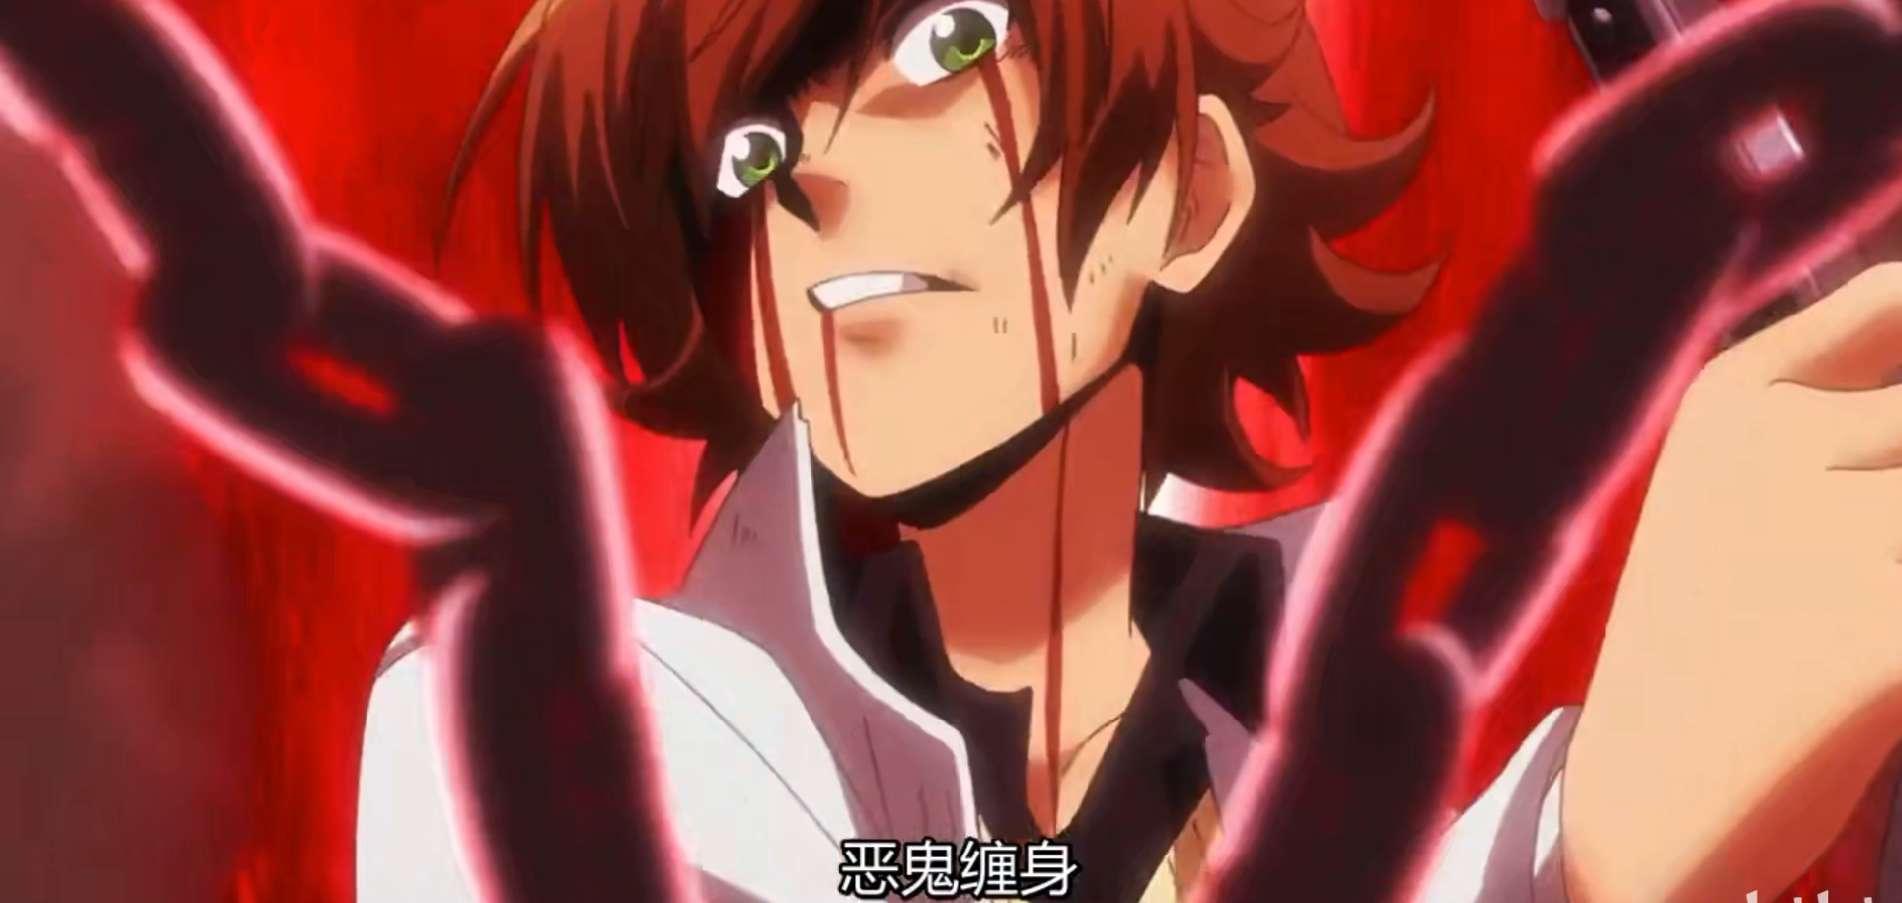 【漫画更新】原创剧情 斩!赤红之瞳47-51